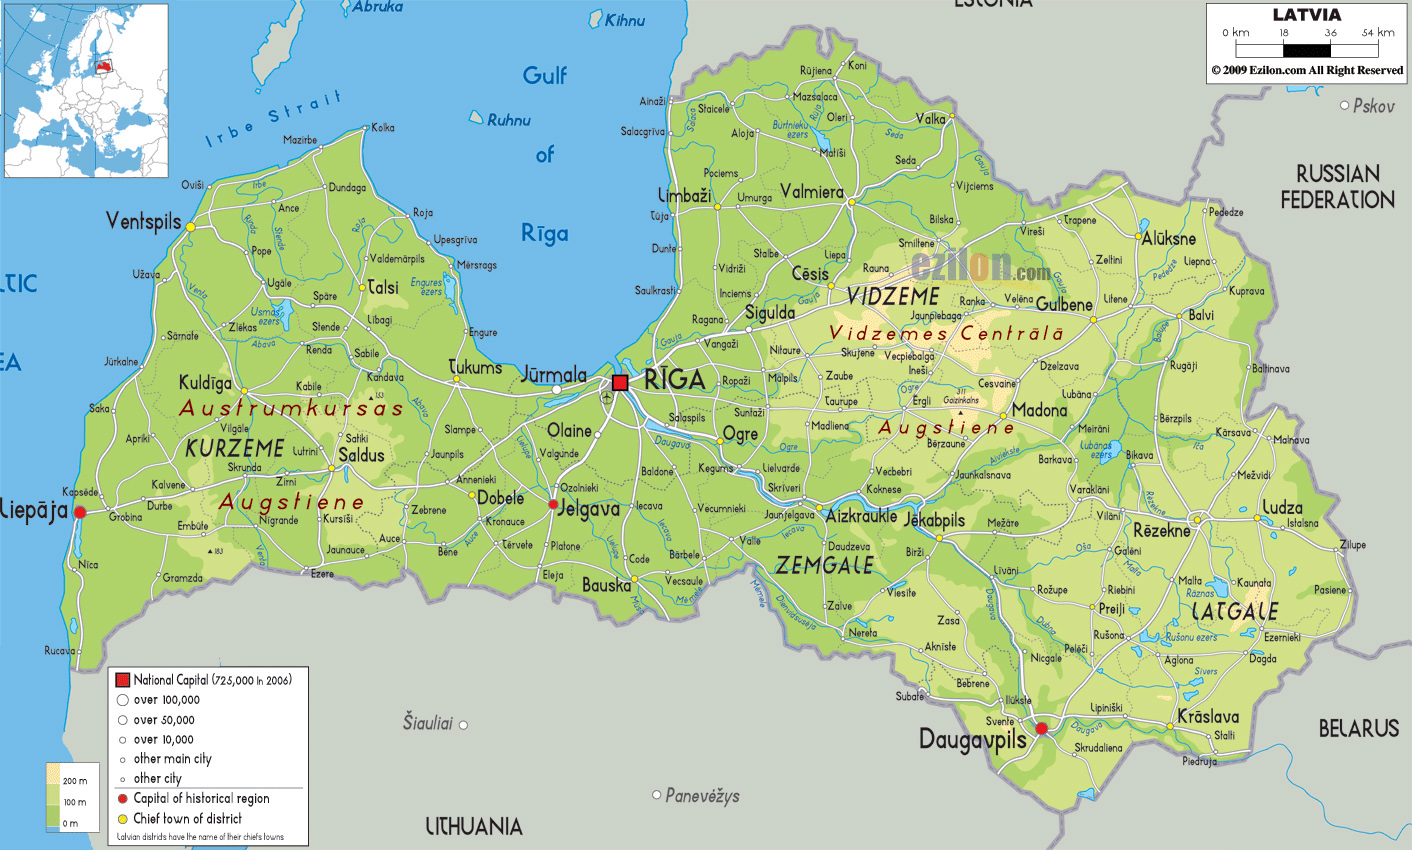 Grande Mapa Fisico De Letonia Con Carreteras Ciudades Y